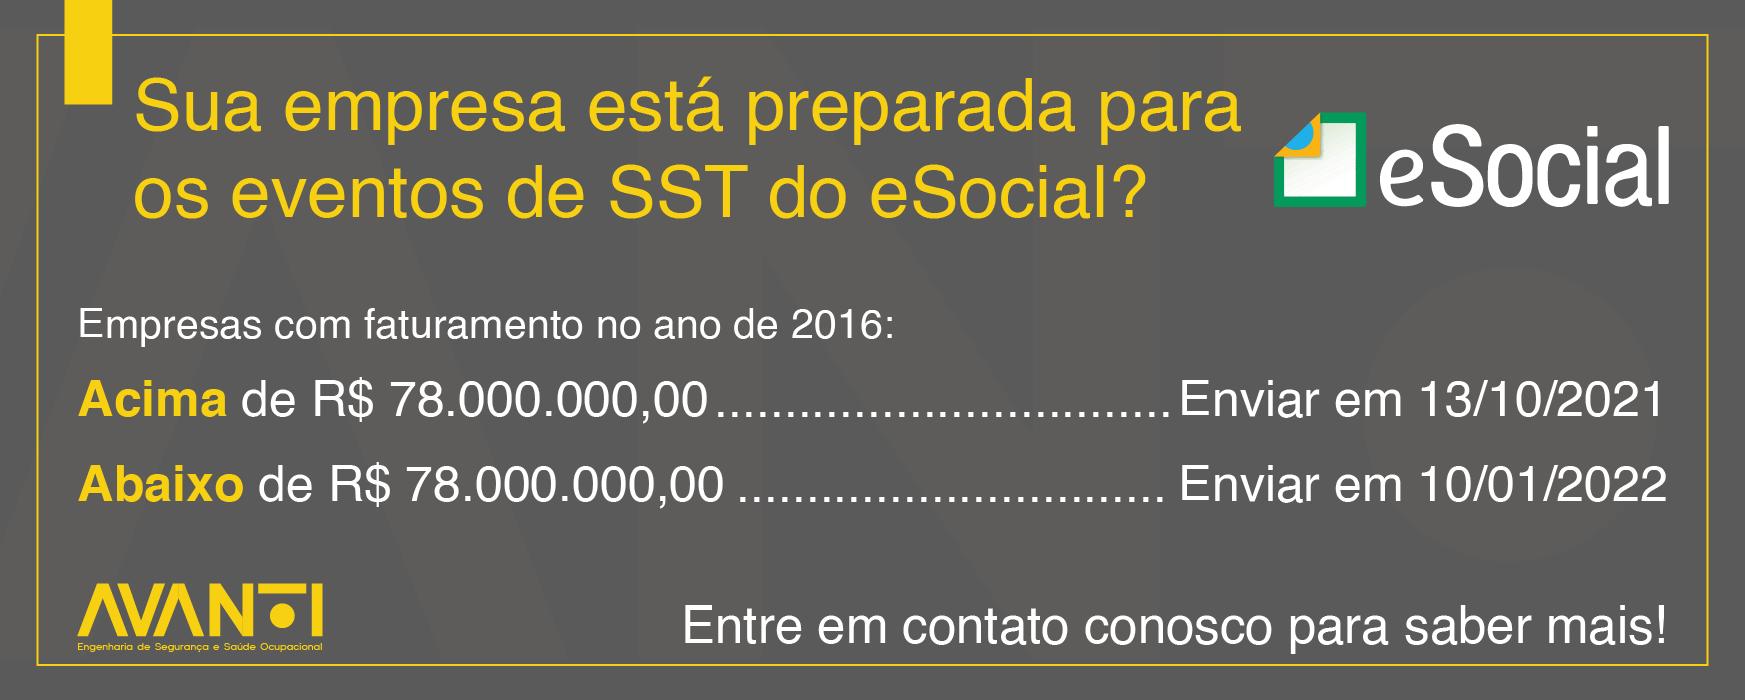 Eventos de SST do eSocial